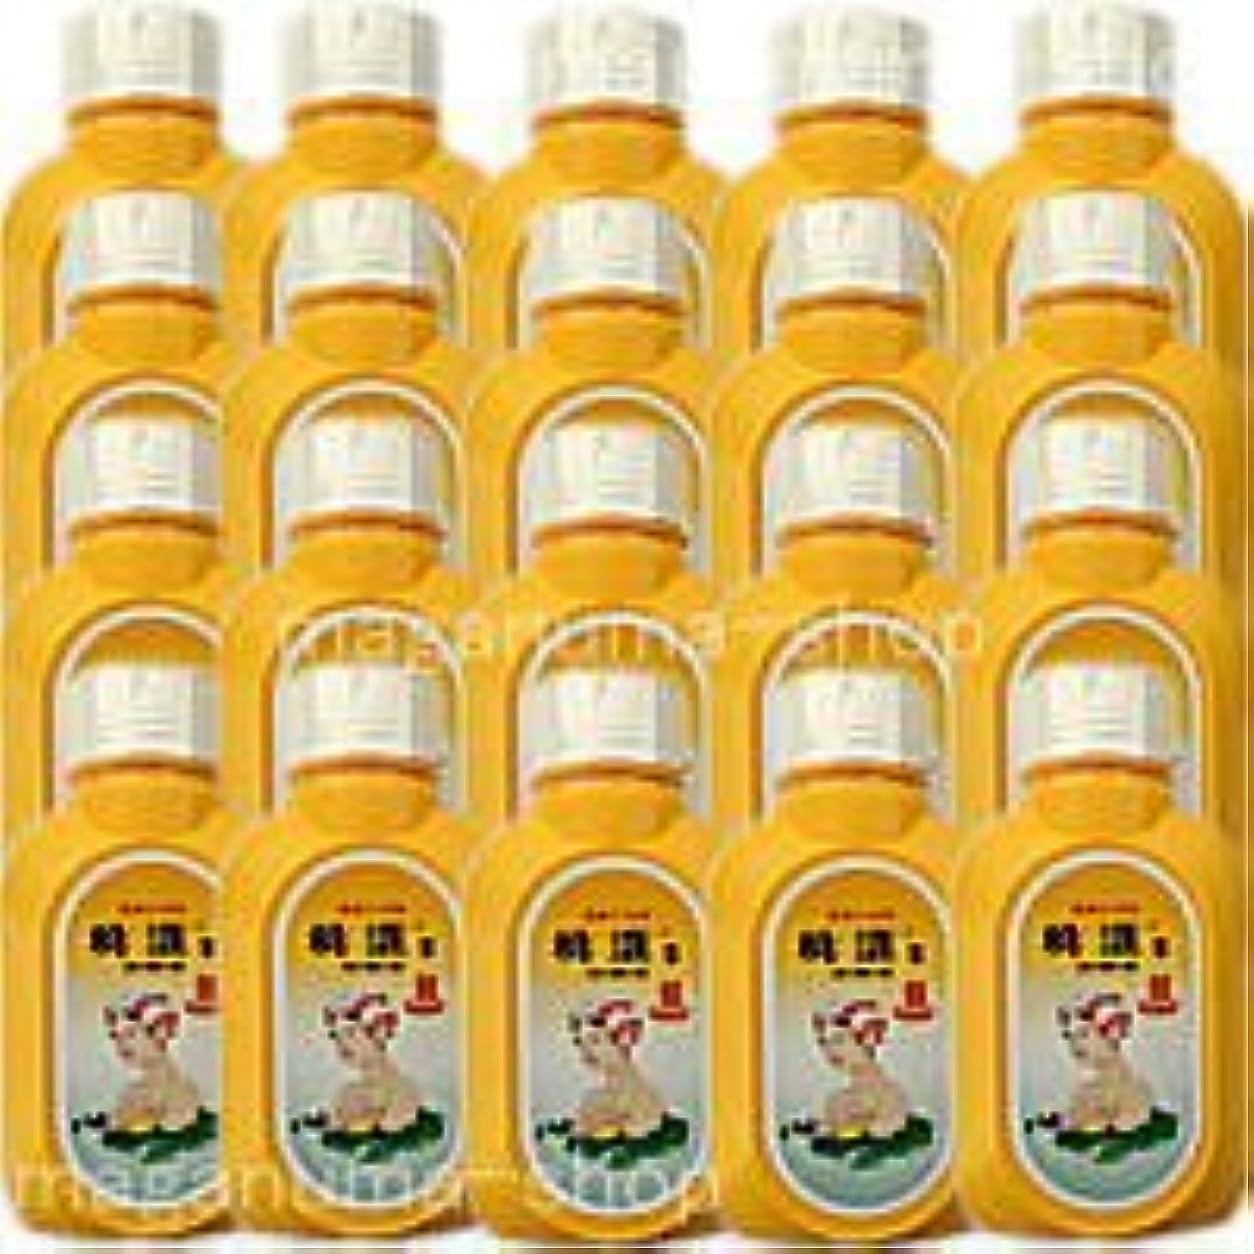 ピアース減るケープ桃源S 桃の葉の精 700g(オレンジ) 20個